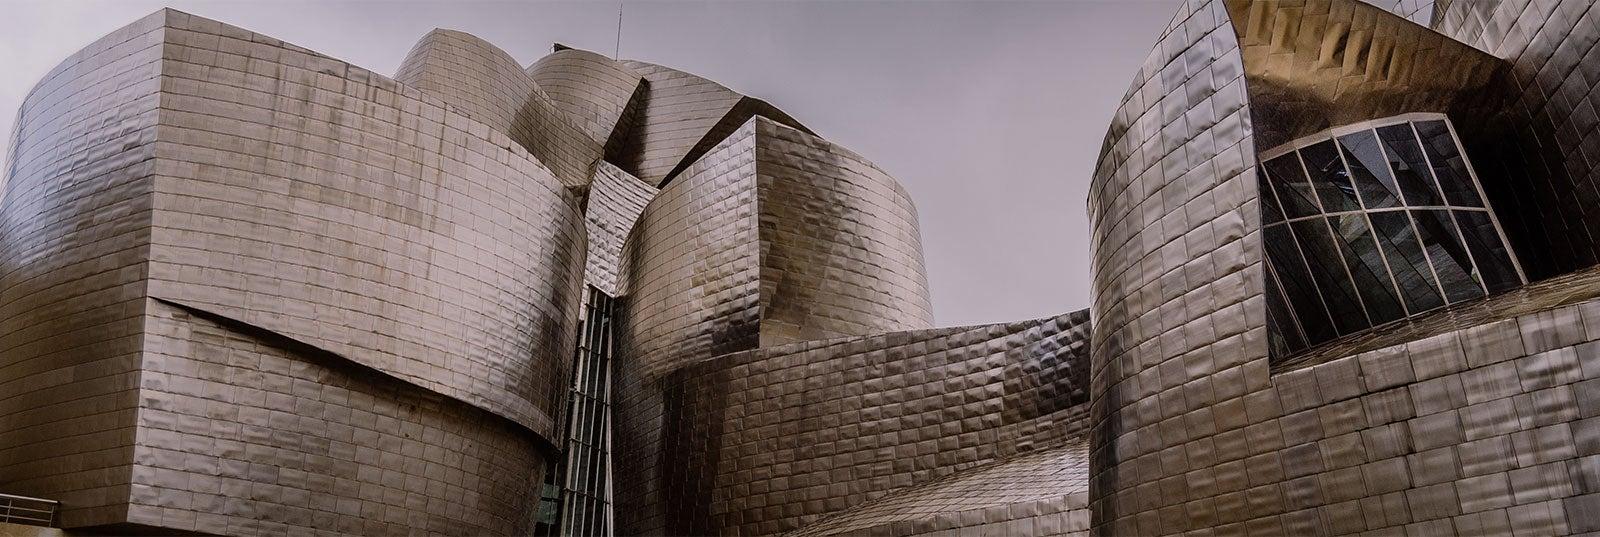 Guía turística de Bilbao